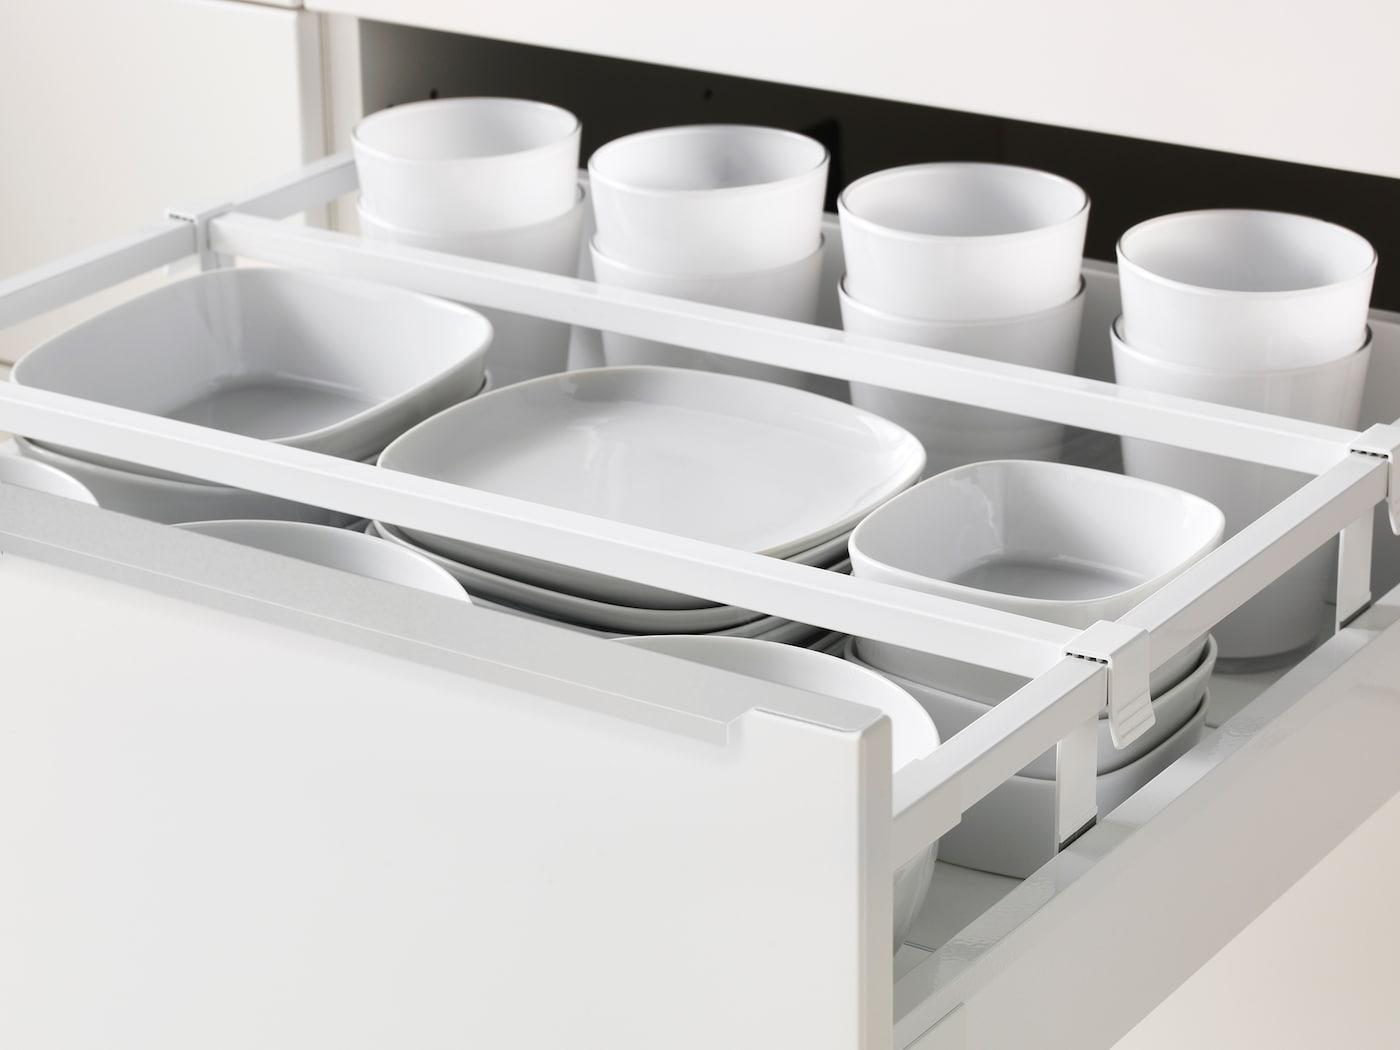 Kuchenschranke Organisieren Praktische Tipps Ikea Deutschland